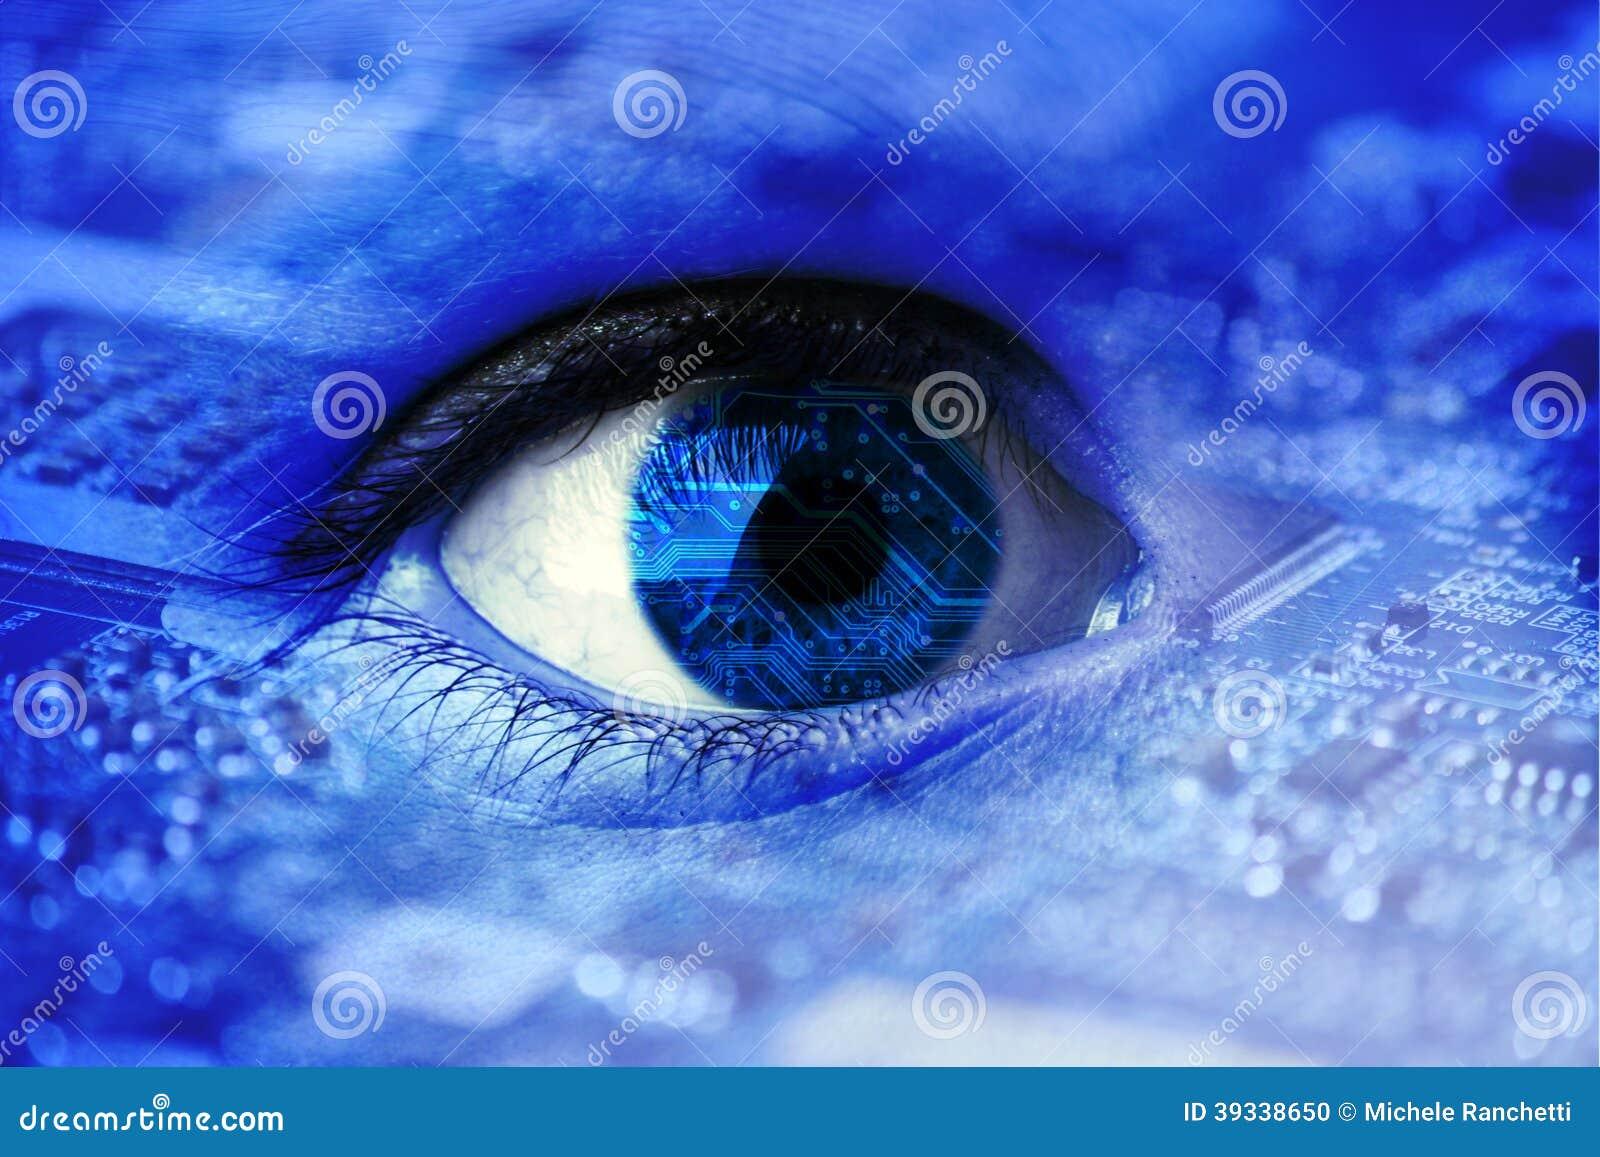 人为或利用仿生学的眼睛